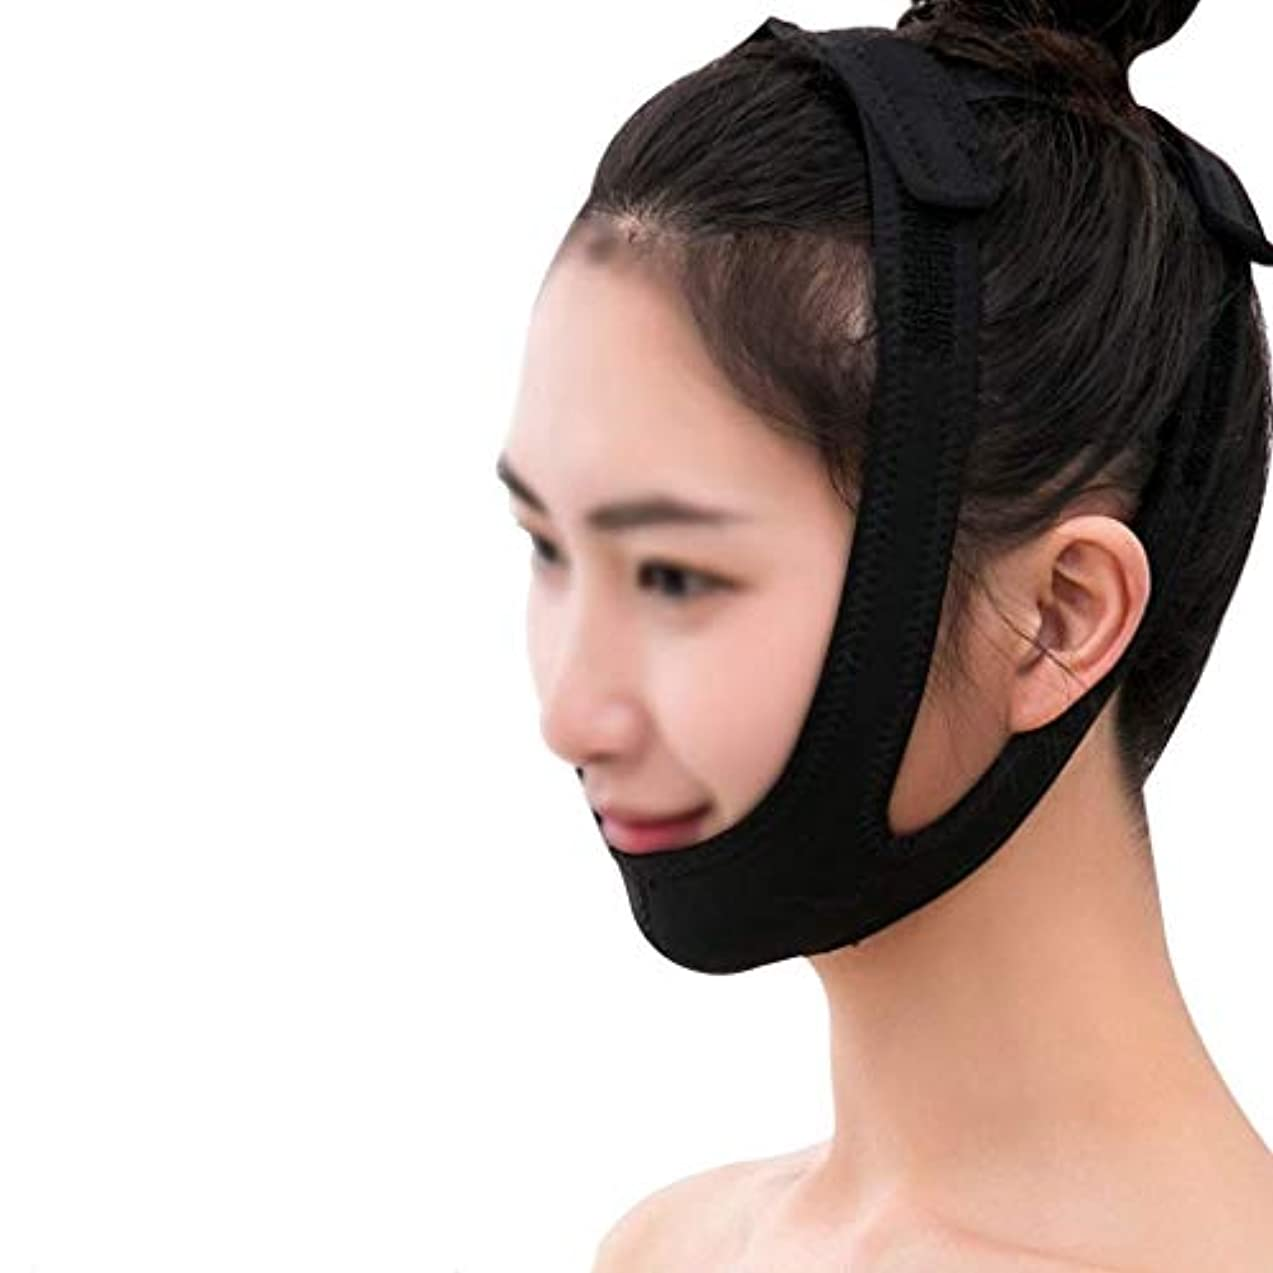 ほうき絡み合いシロクマフェイシャルリフティングマスク、医療用ワイヤーカービングリカバリーヘッドギアVフェイス包帯ダブルチンフェイスリフトマスク